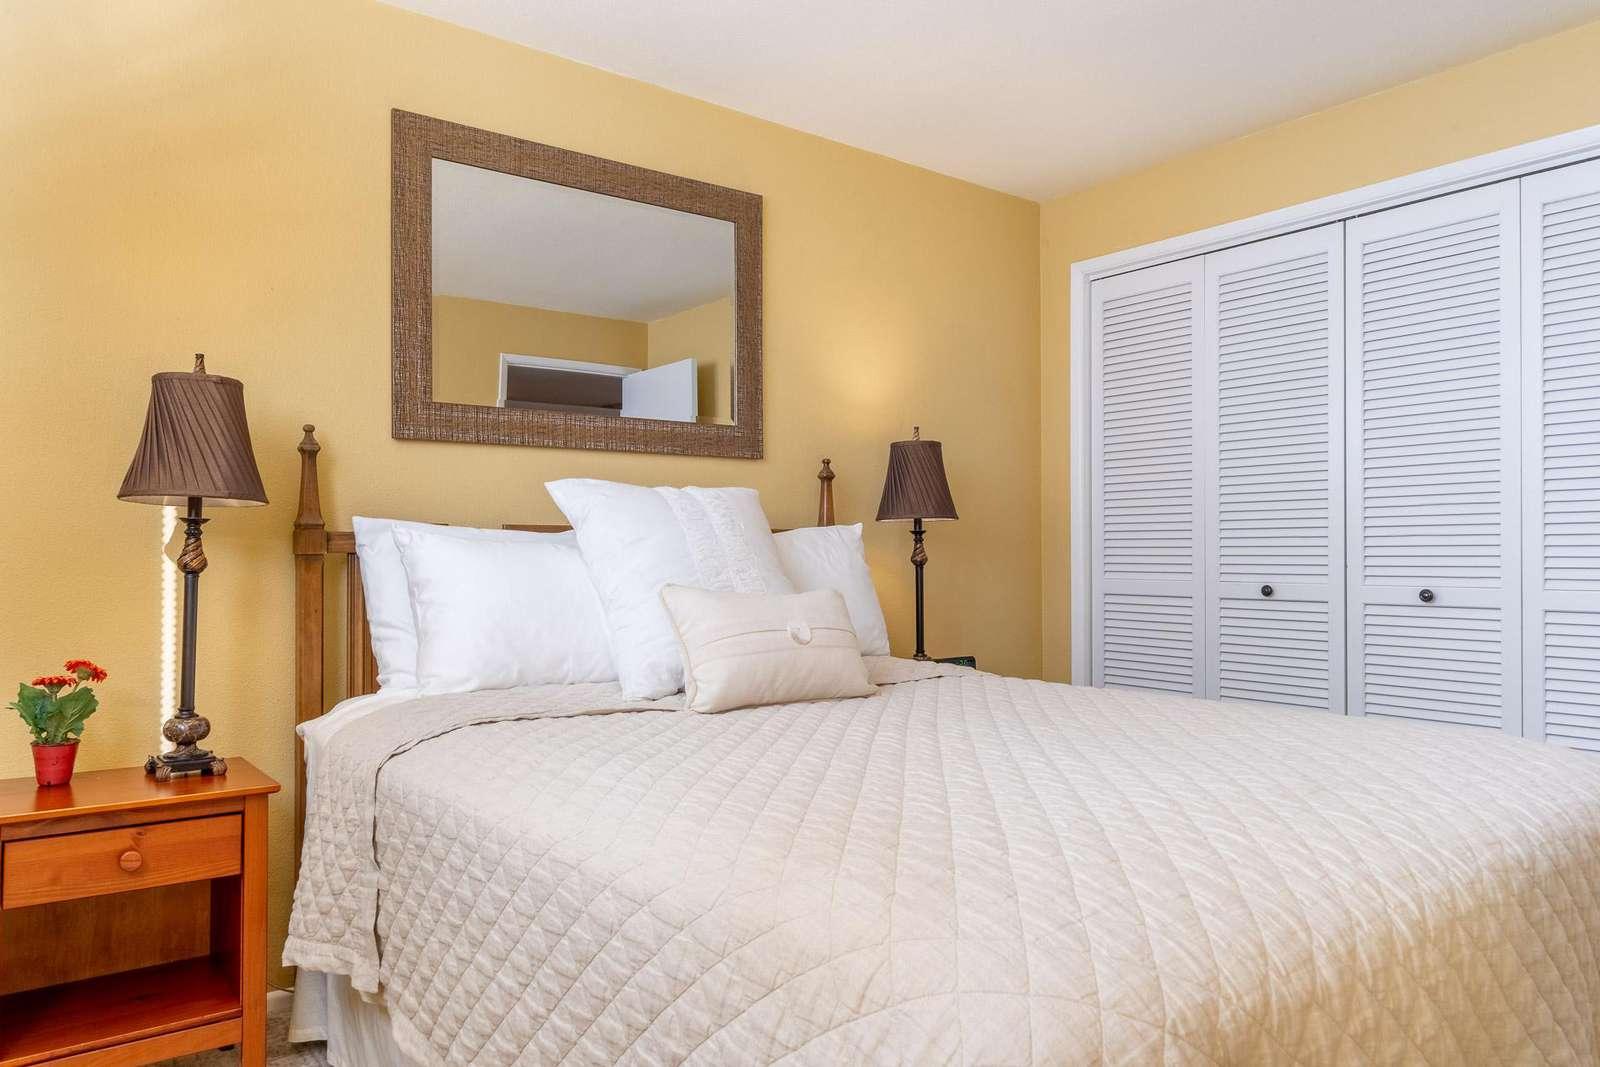 North Room - Queen pillow-top bed